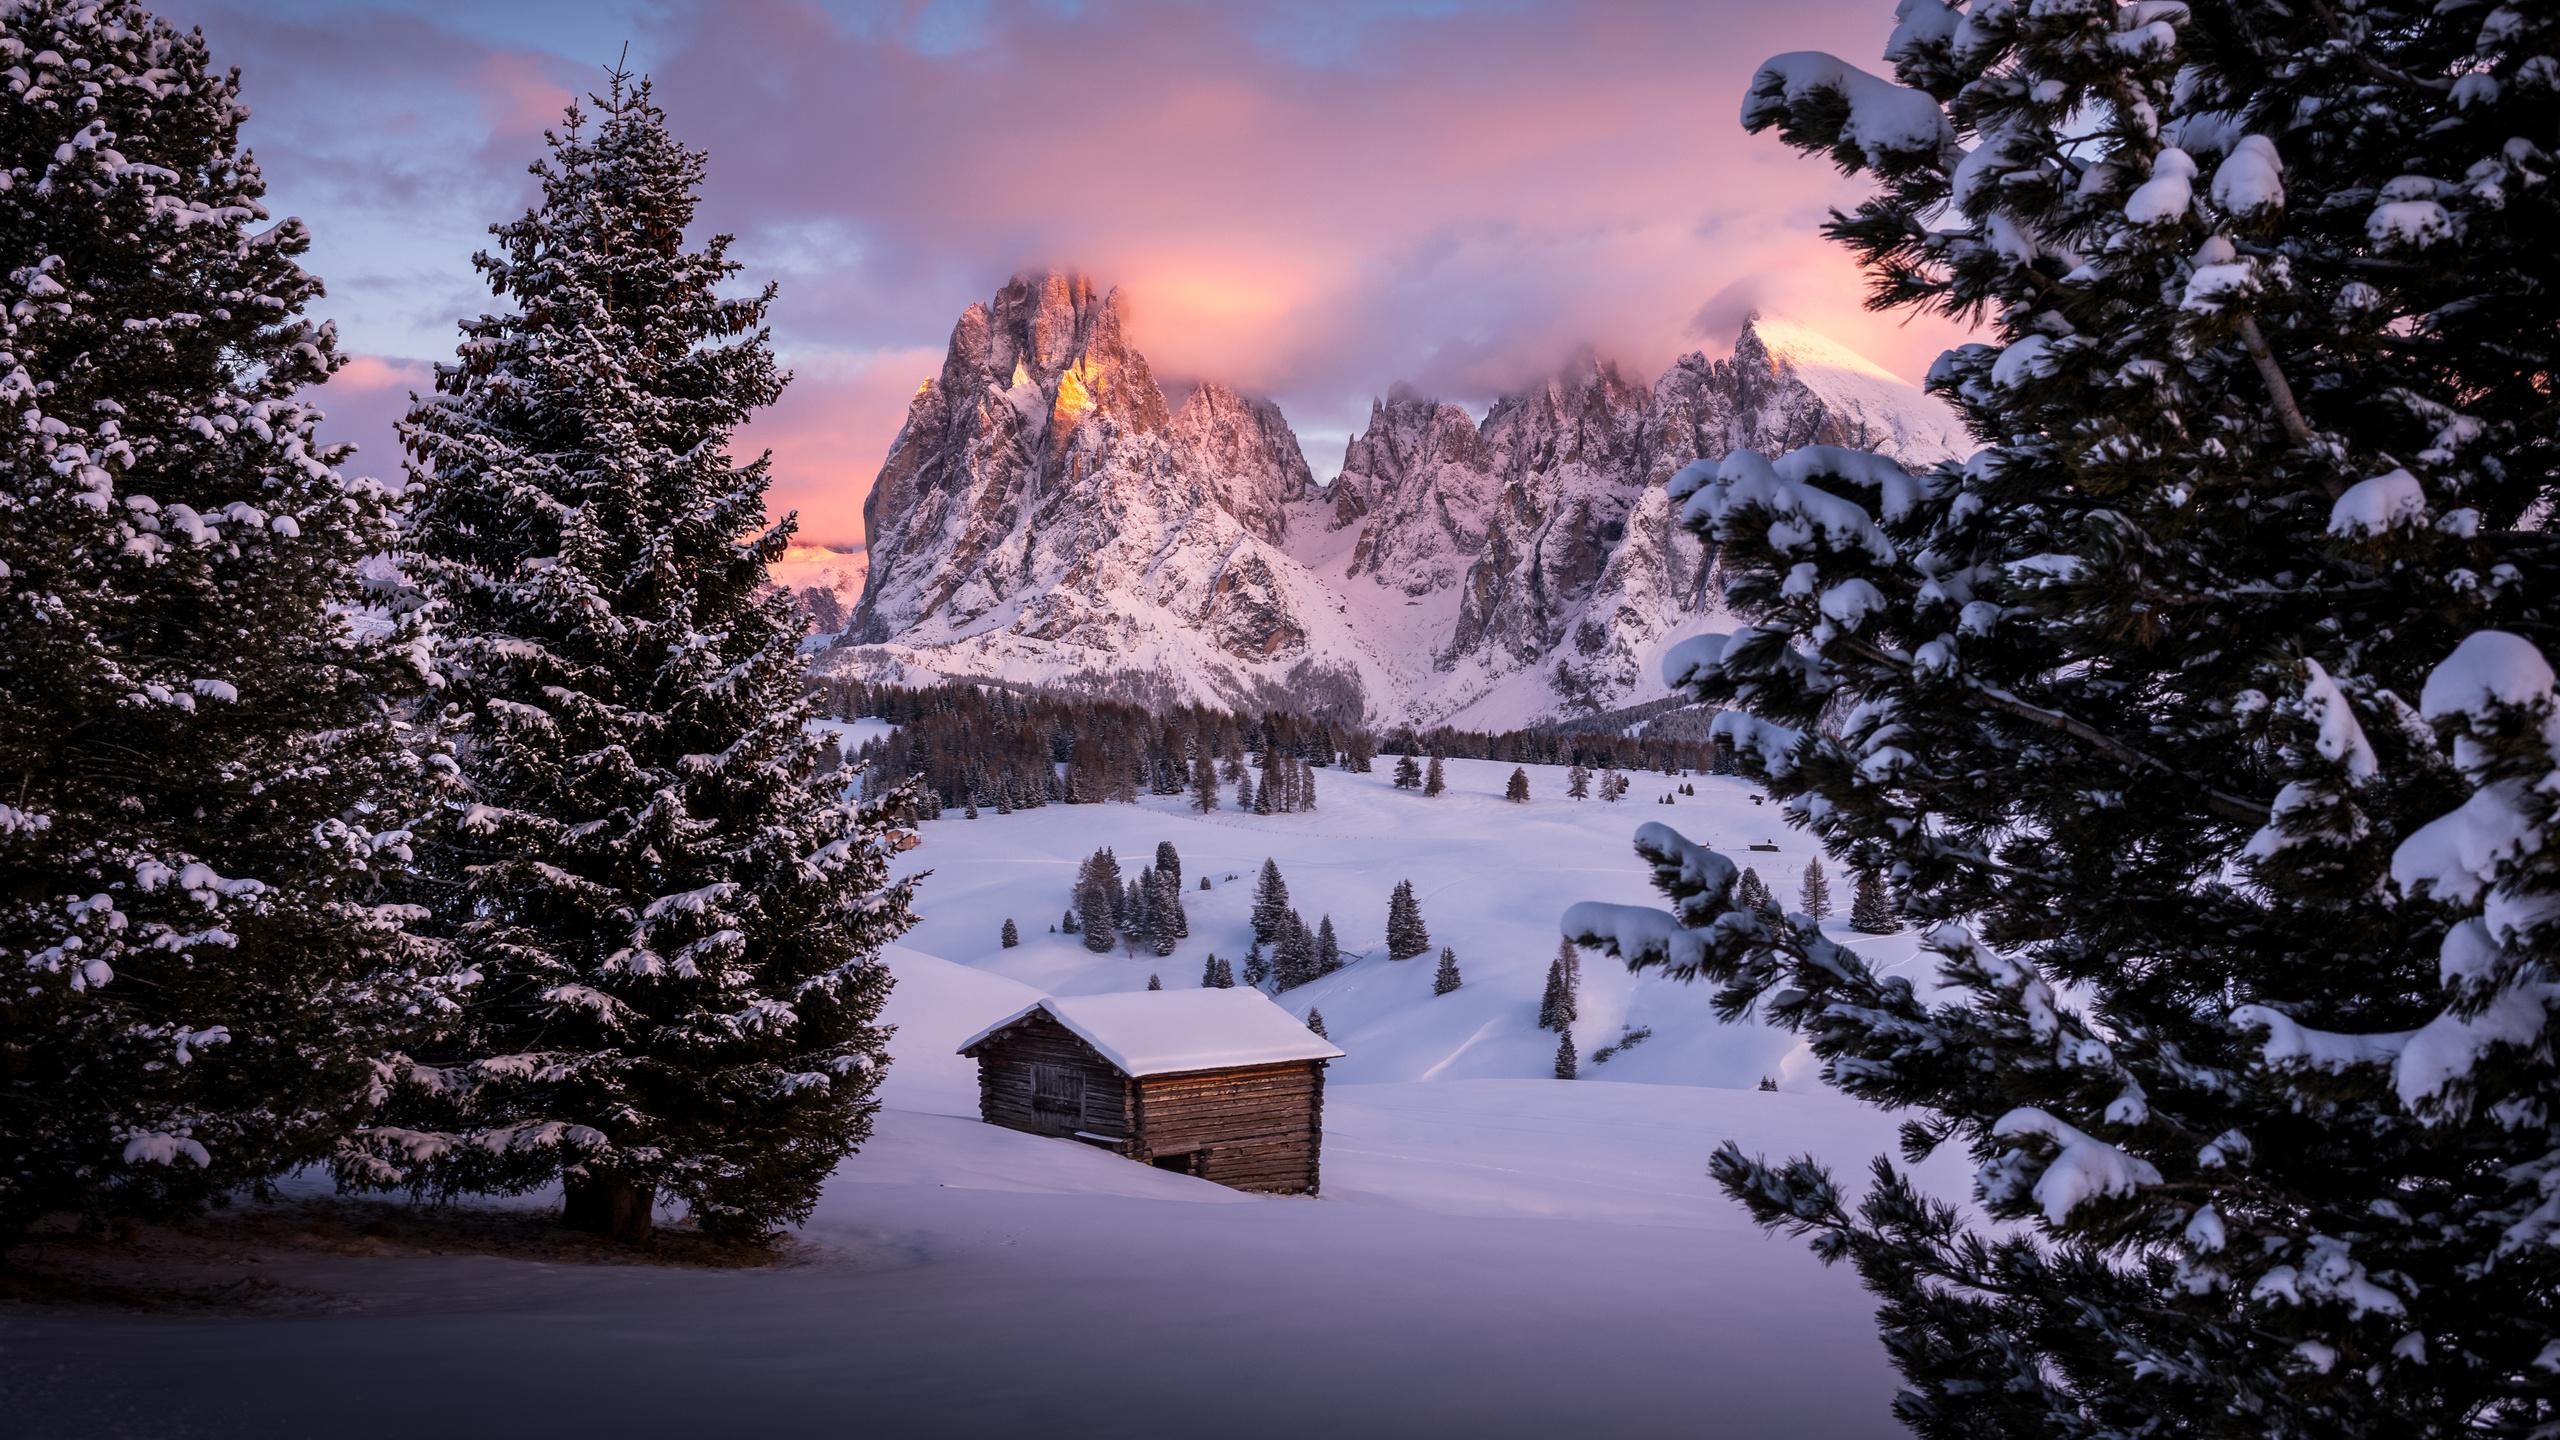 домик, горы, деревья, снег, южный тироль, доломиты, италия